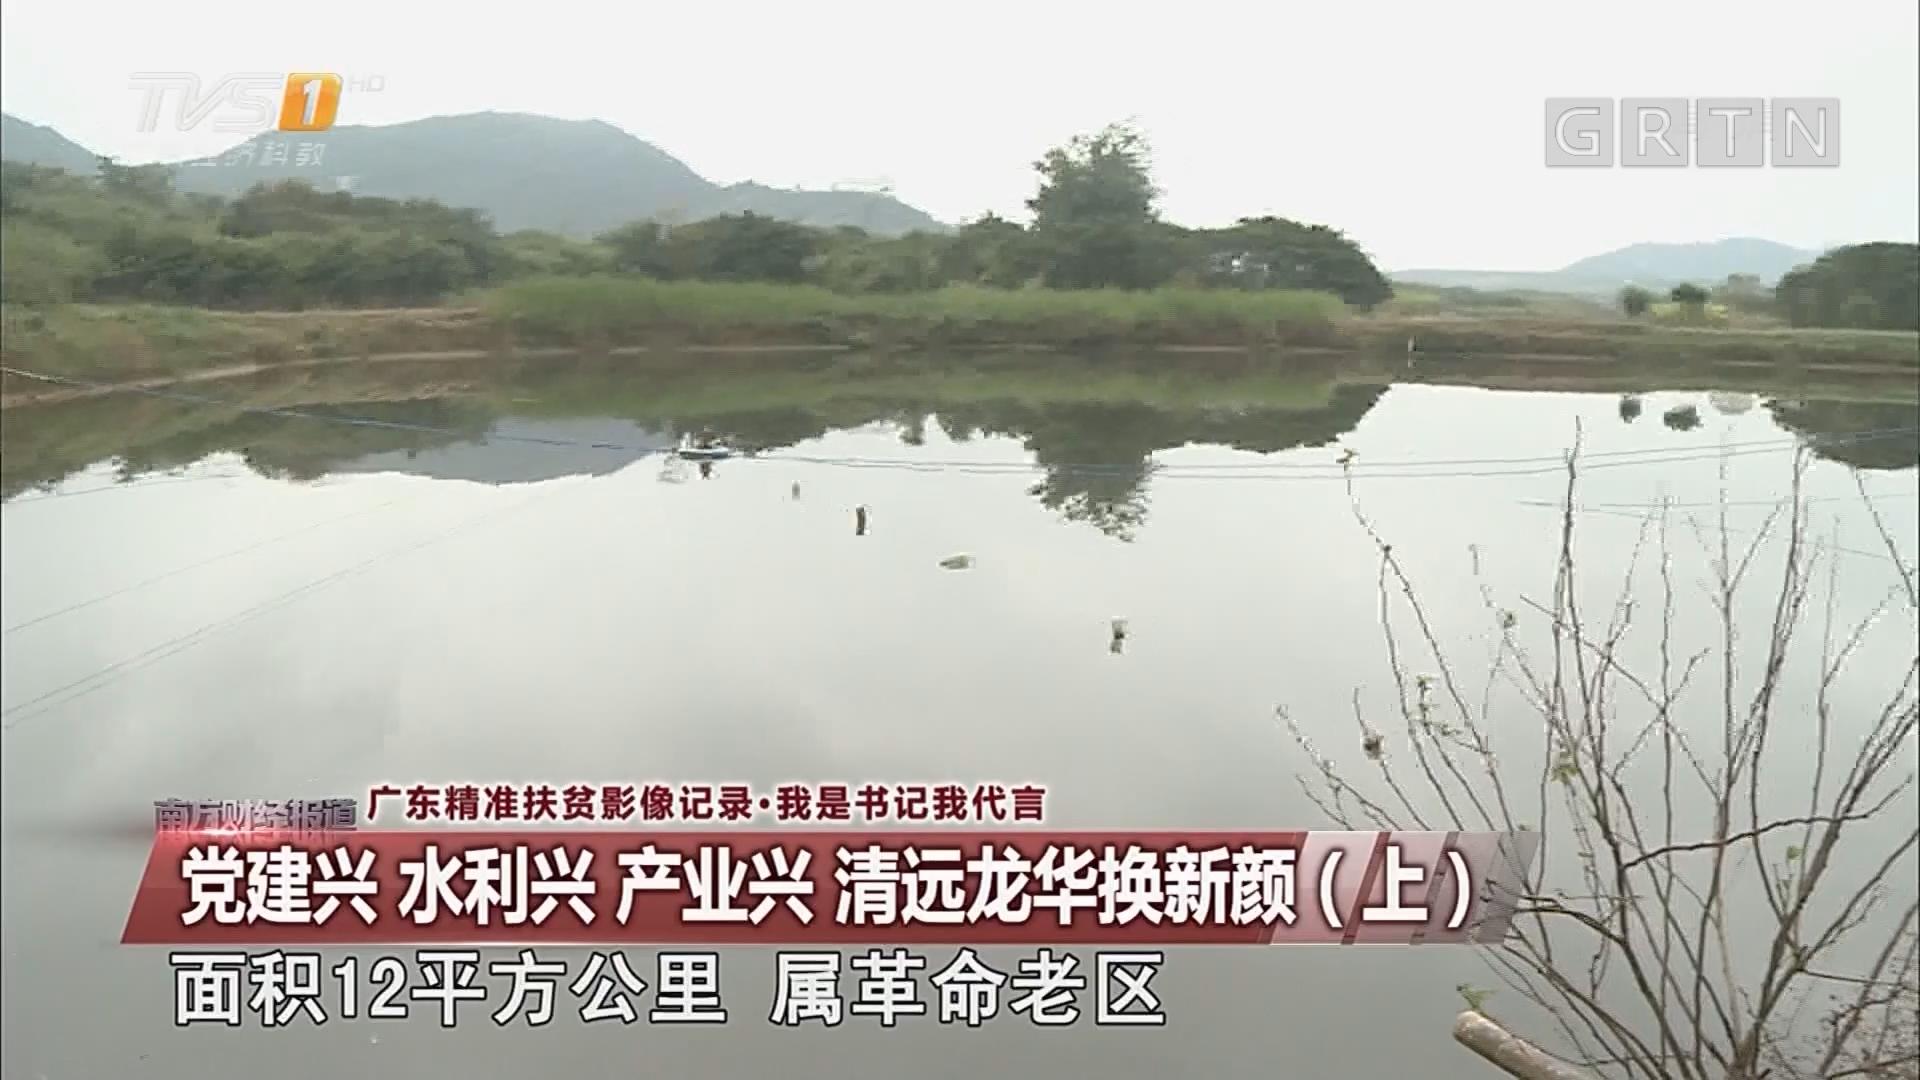 广东精准扶贫影像记录·我是书记我代言:党建兴 水利兴 产业兴 清远龙华换新颜(上)